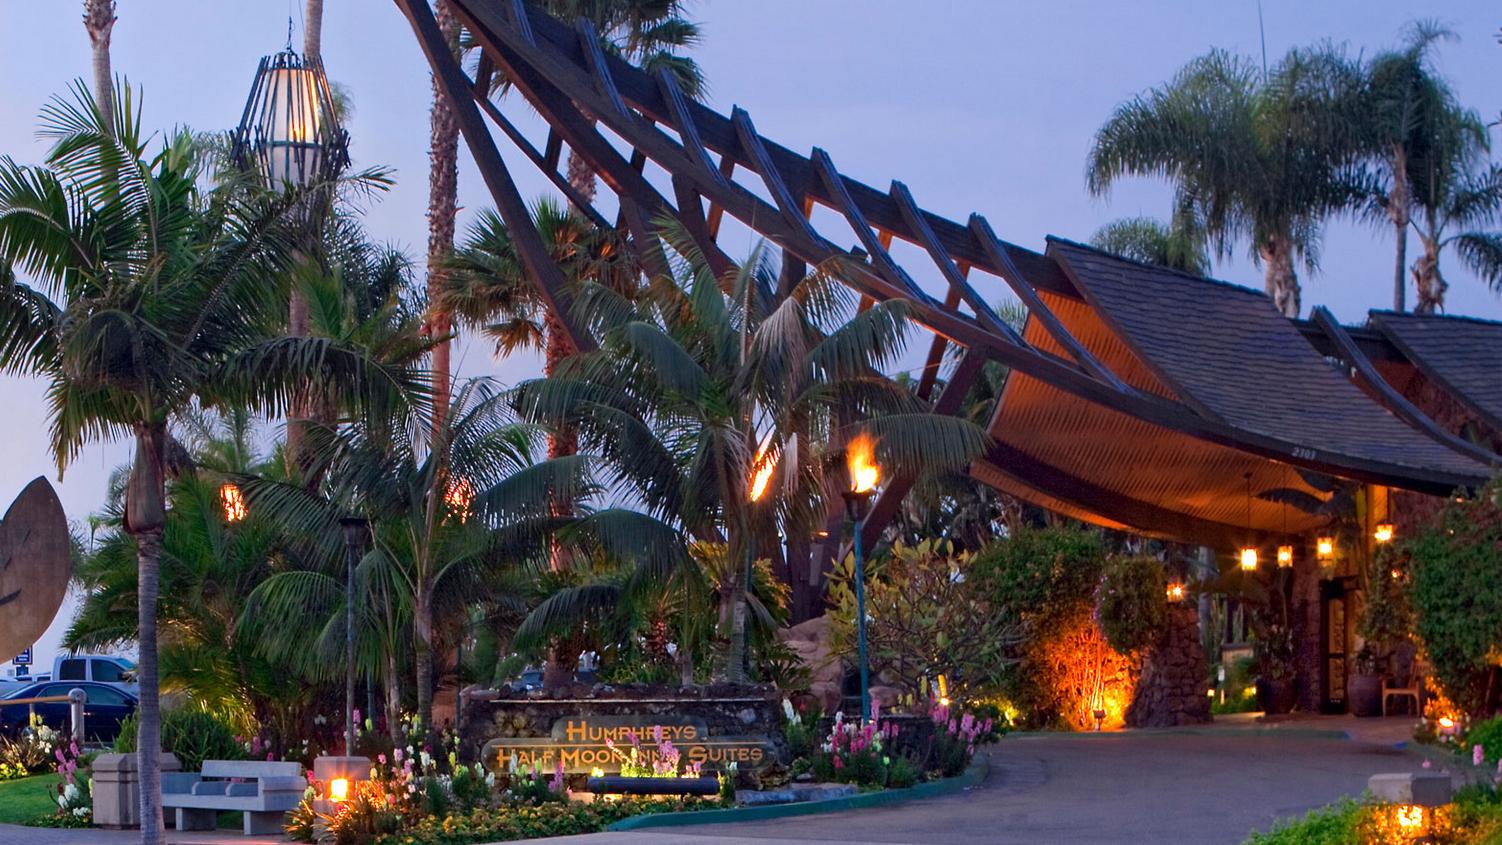 Western Inn Hotel San Diego